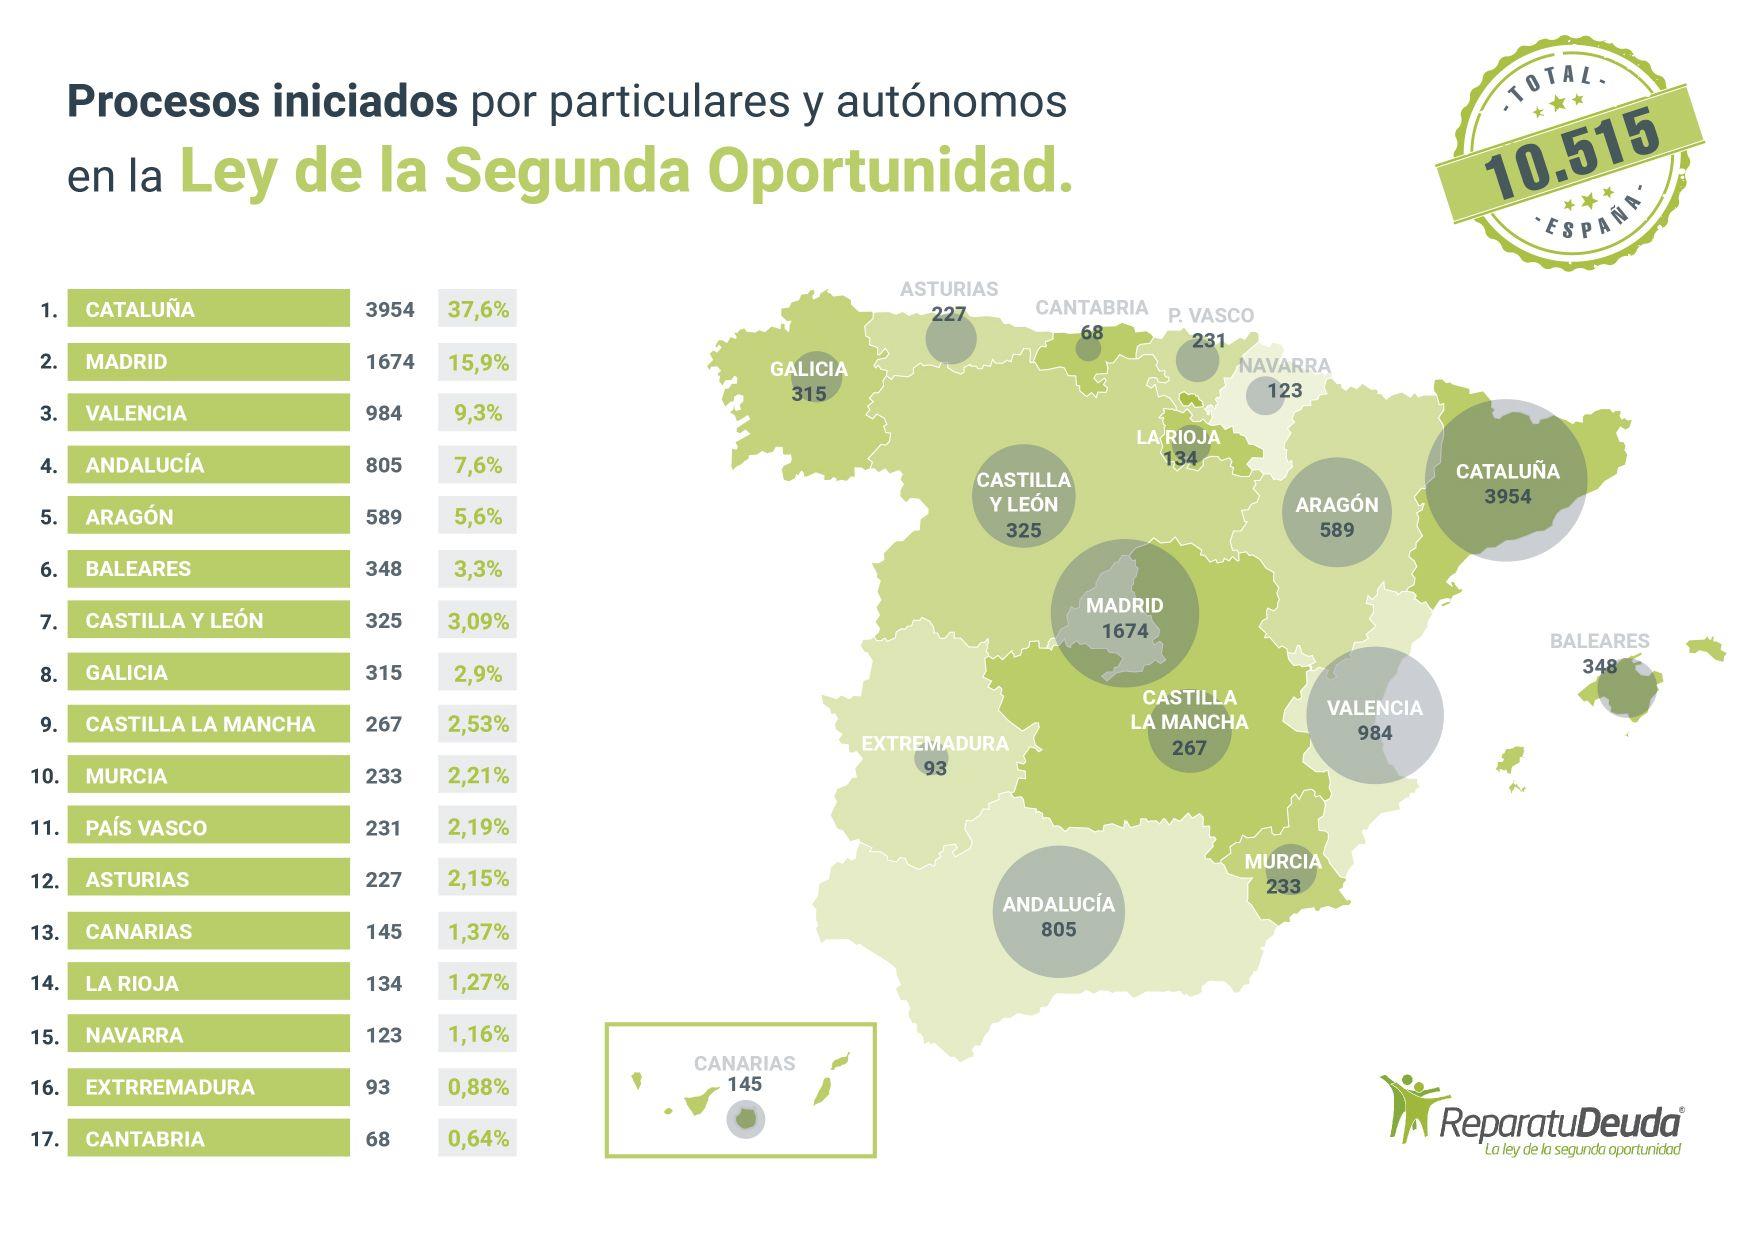 Repara tu deuda anuncia que 227 endeudados en Asturias se han acogido a la Ley de Segunda Oportunidad